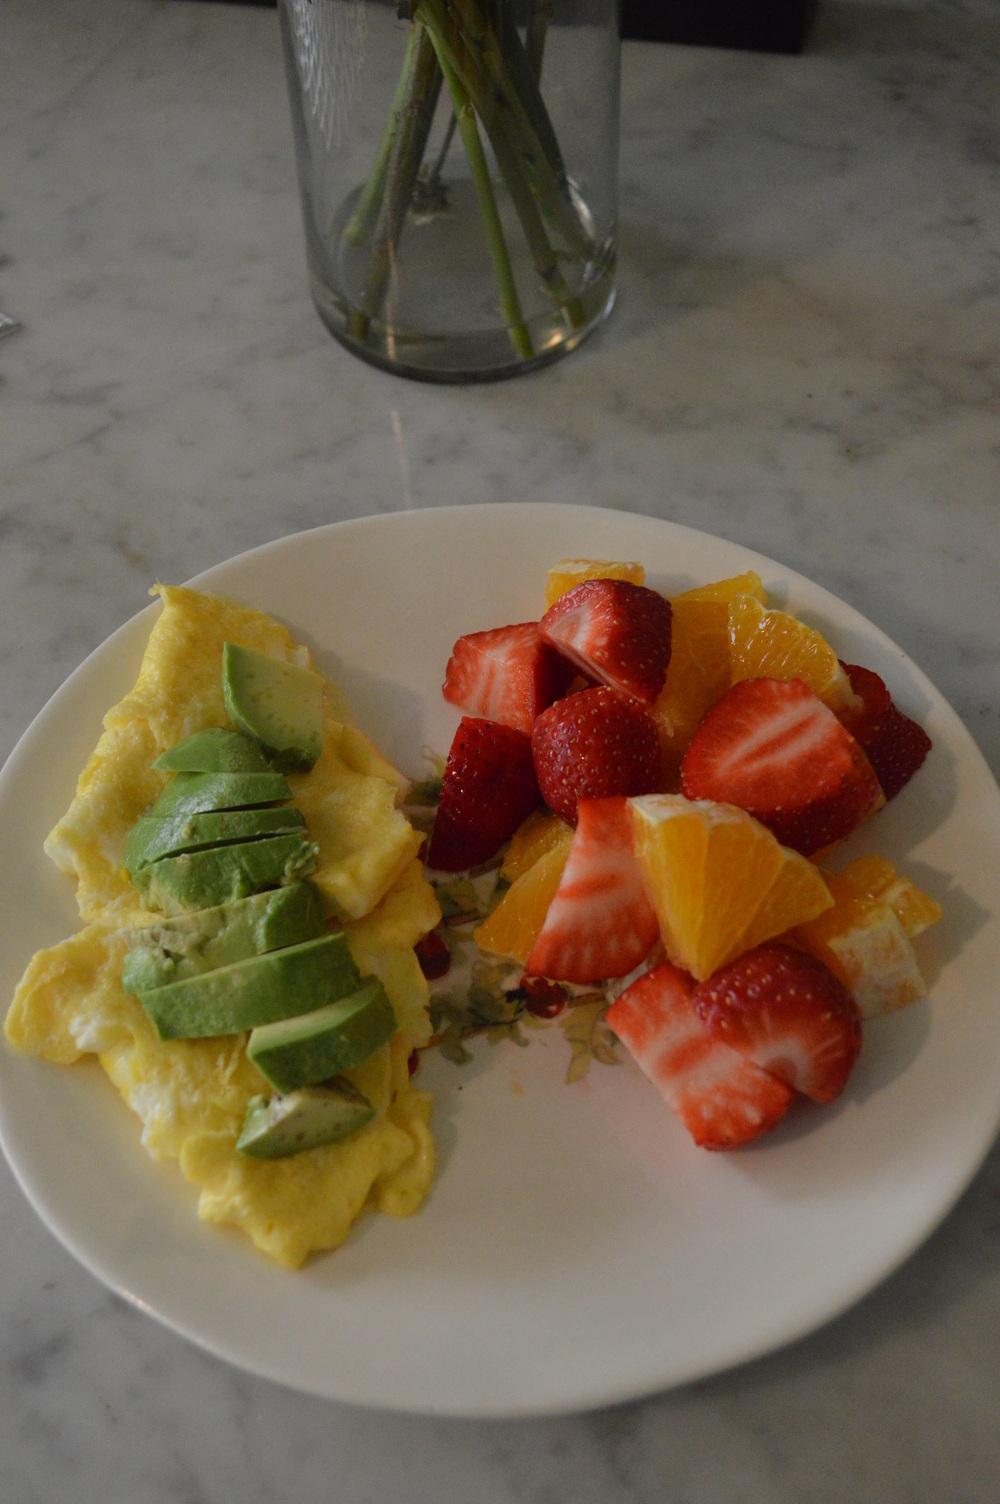 Eggs & Avocado + Fruit